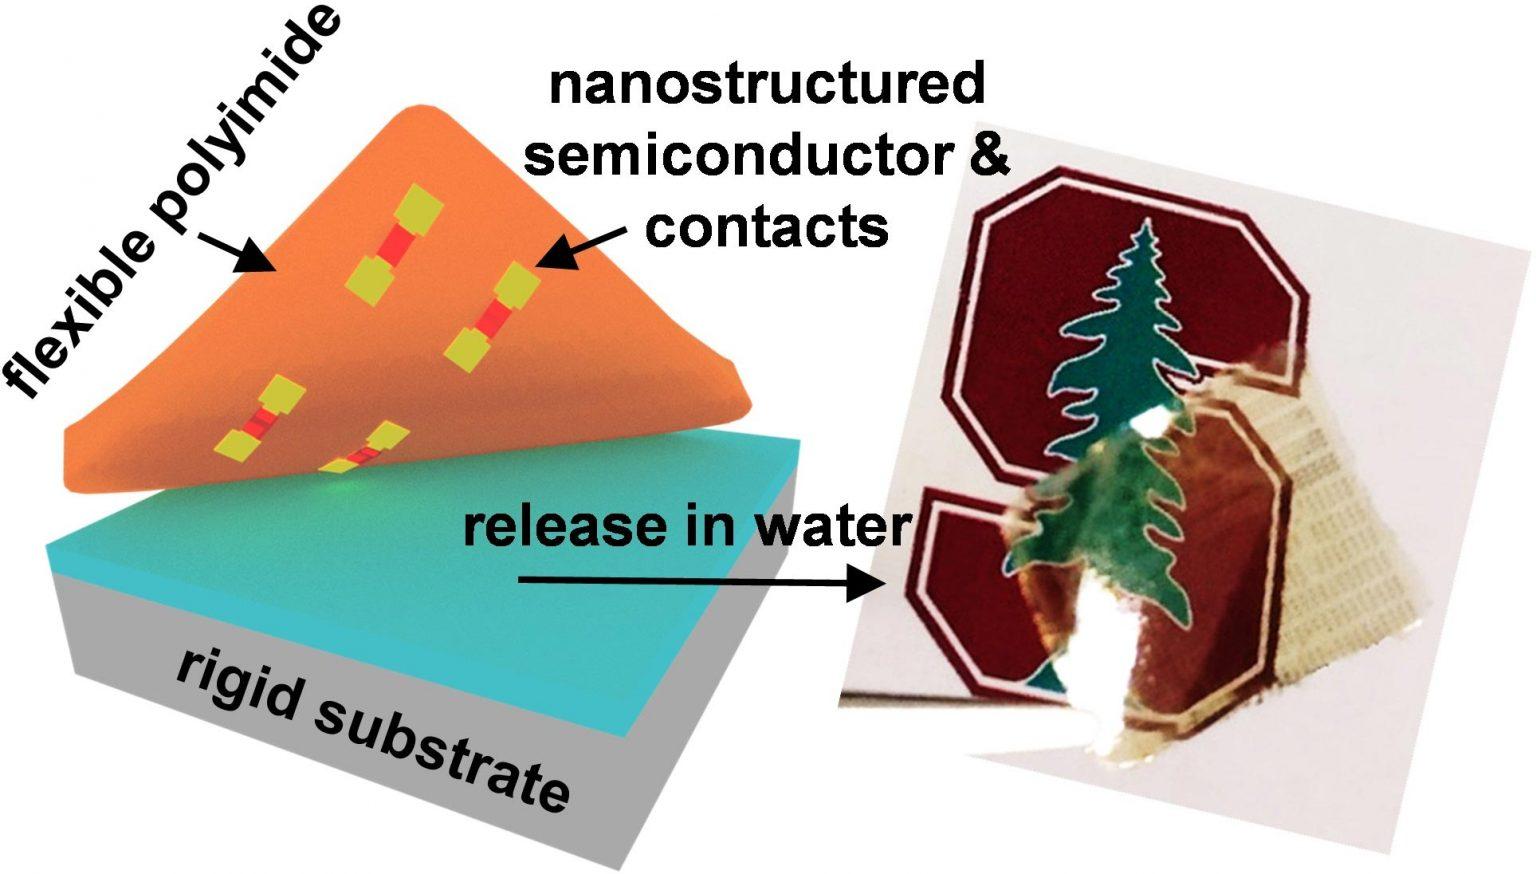 תיאור תהליך ההעברה עבור מוליך למחצה דו-מימדי ביחד עם מגעים ננו-מודפסים (משמאל) וצילום של מצע שקוף וגמיש עם המבנה שהועבר אליו (מימין) [באדיבות: Victoria Chen/Alwin Daus/Pop Lab]